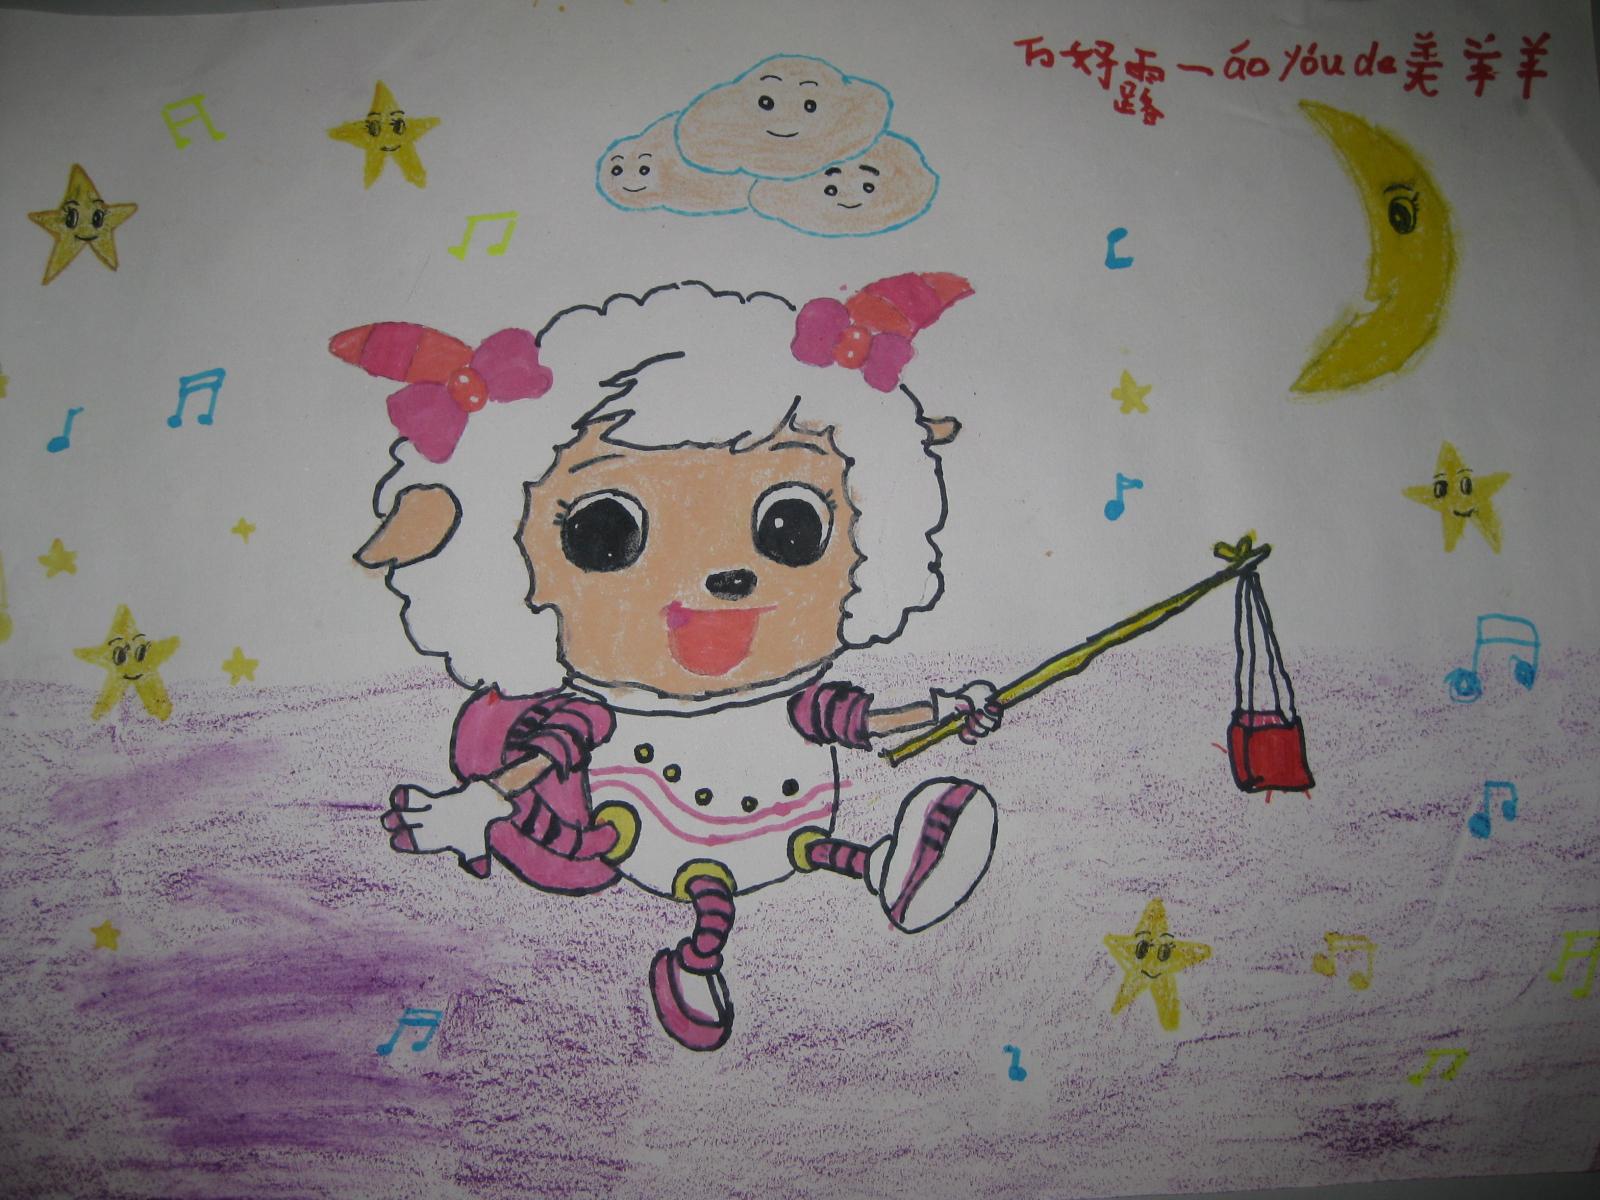 """第二届""""艾迪康""""杯""""我是健康好儿童"""" 大型全国绘画作品"""